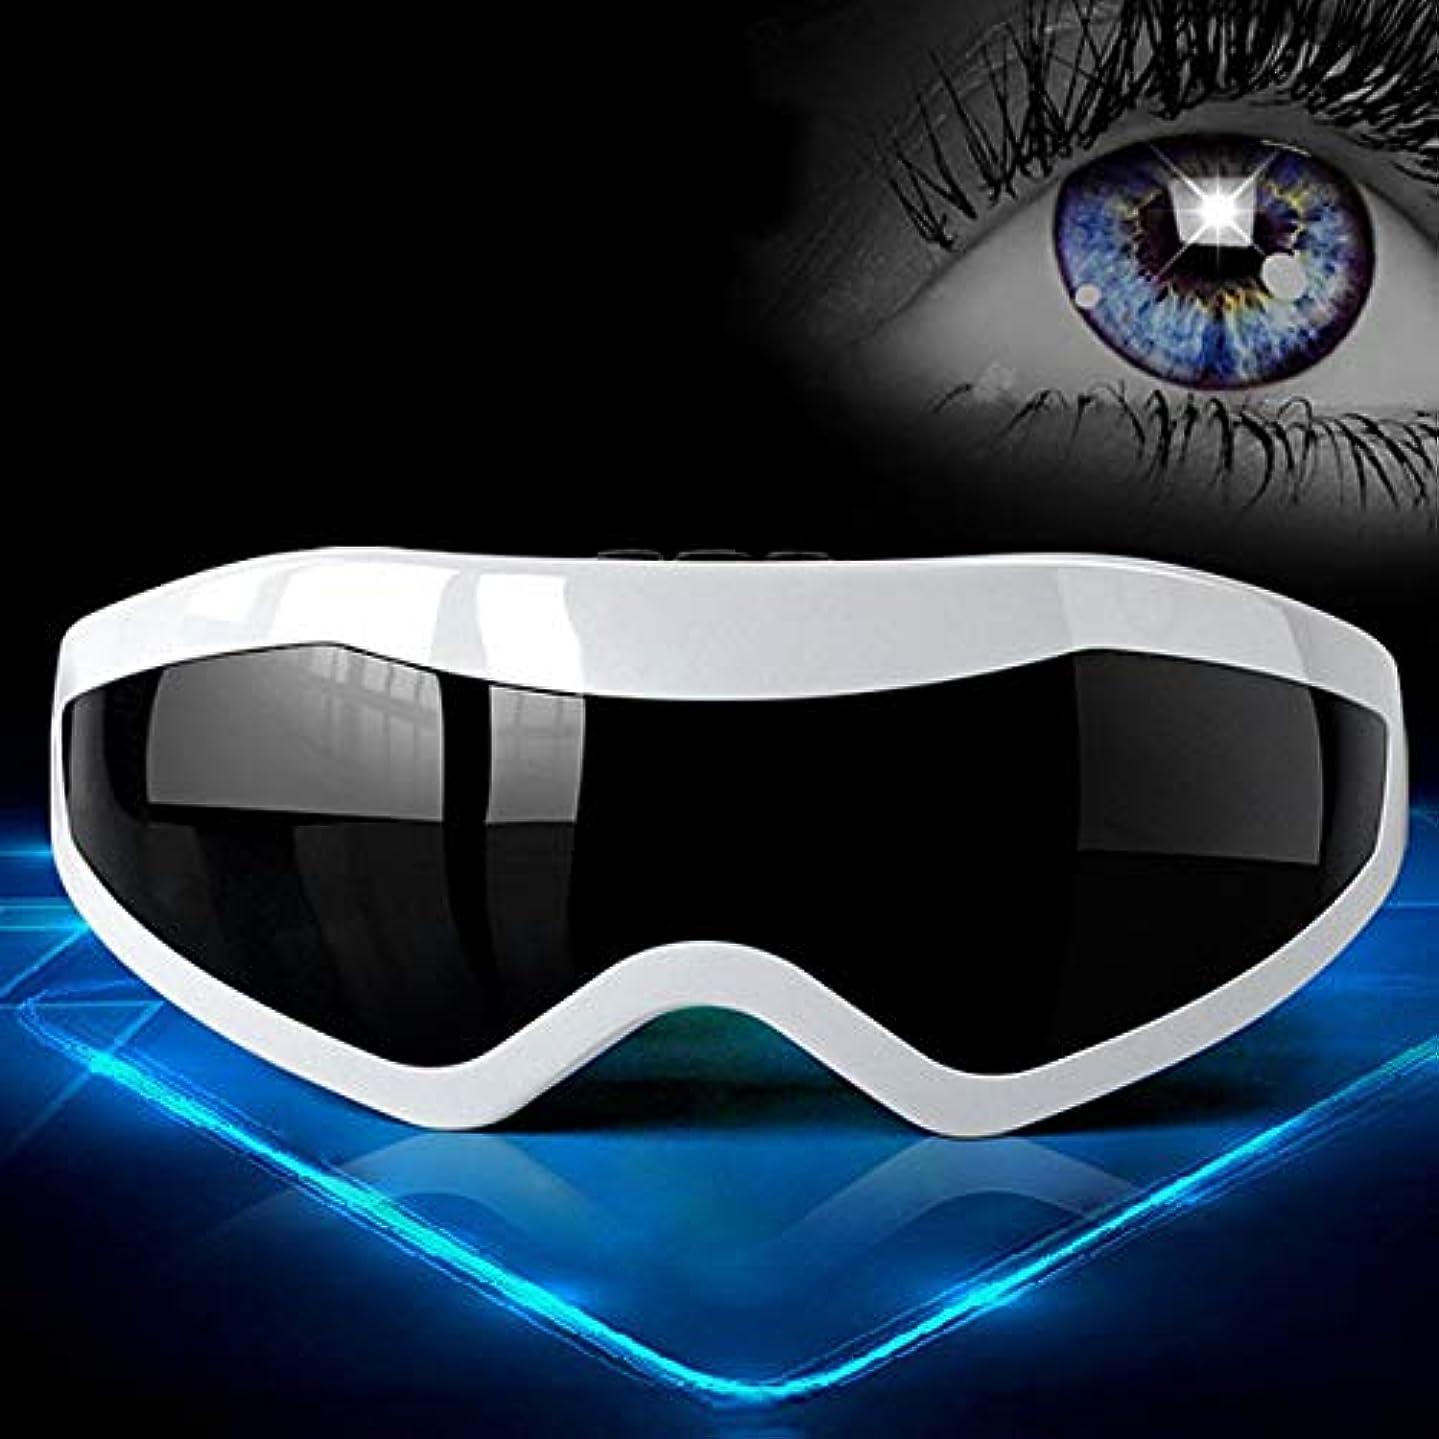 欲望ピザガジュマルComfortable Electric Eye Massager Men Women Eye Brain Relax Magnetic Eye Health Care Massager Instrument Best...